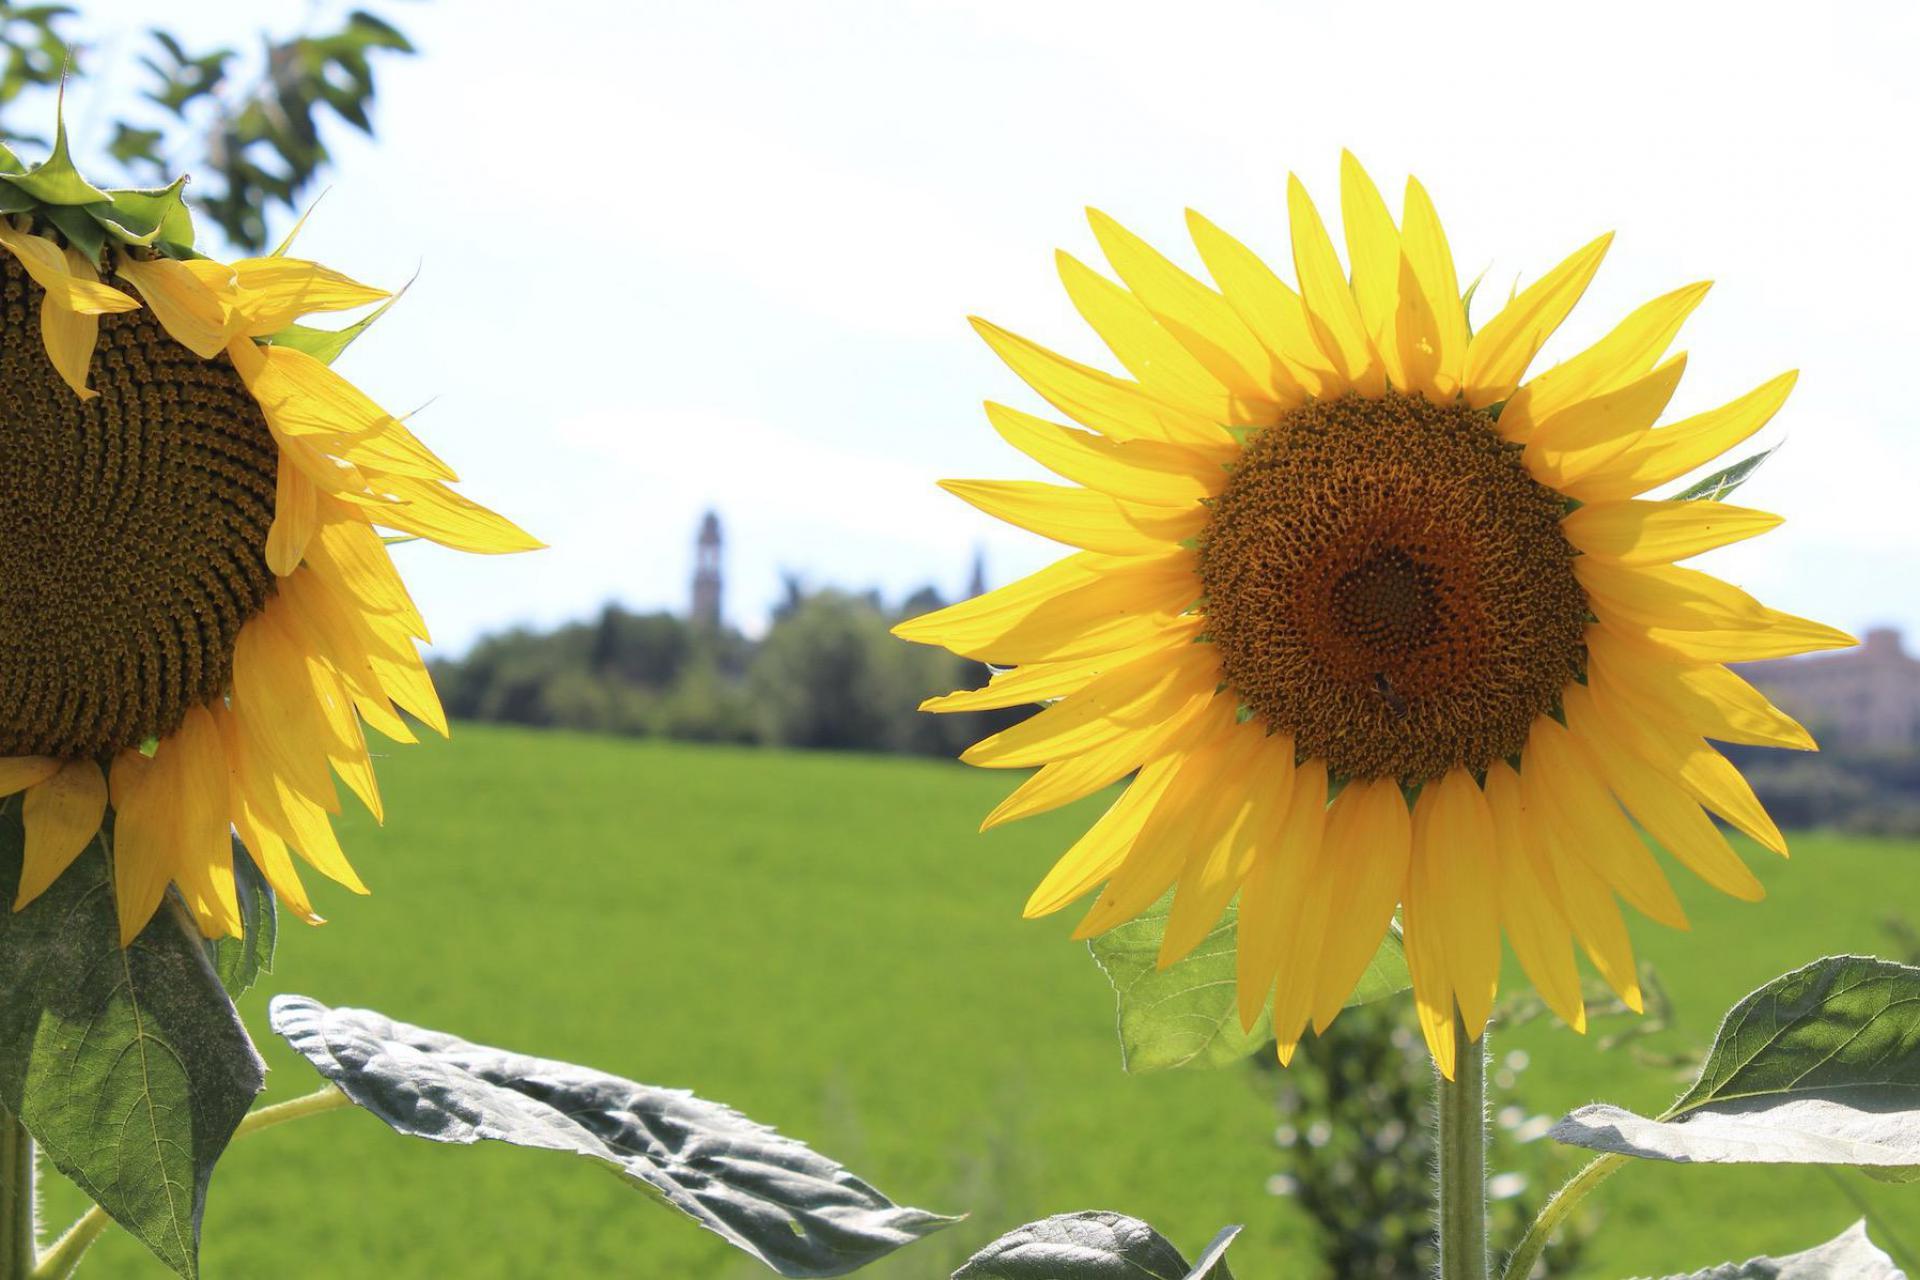 Agriturismo Marche Agriturismo accogliente vicino ad un paese nelle Marche